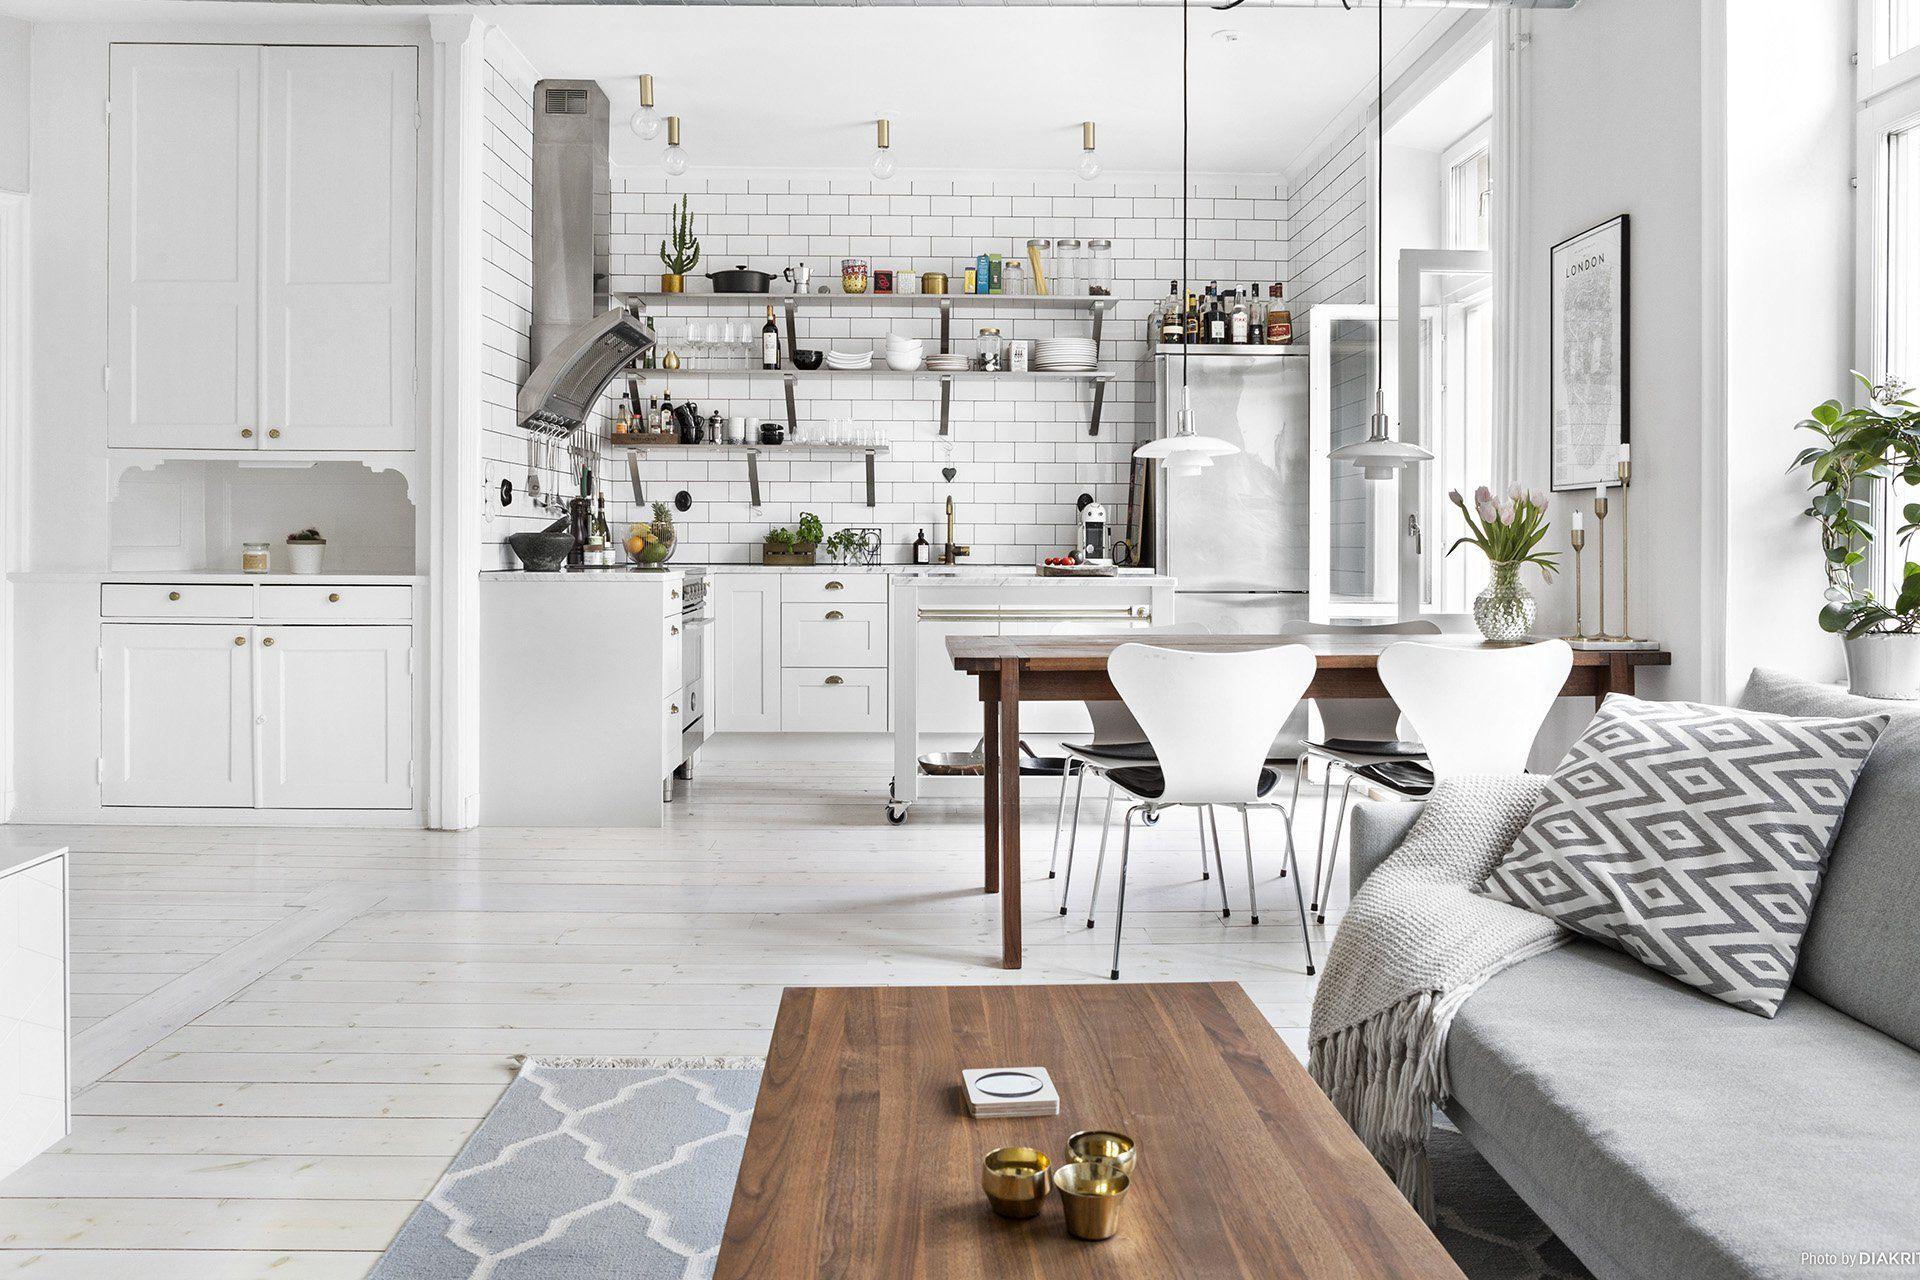 Funderar du på att lägga nytt golv? Vi listar för- och nackdelar med respektive golv, så blir det enklare att göra ett bra - och hållbart val! - från början.